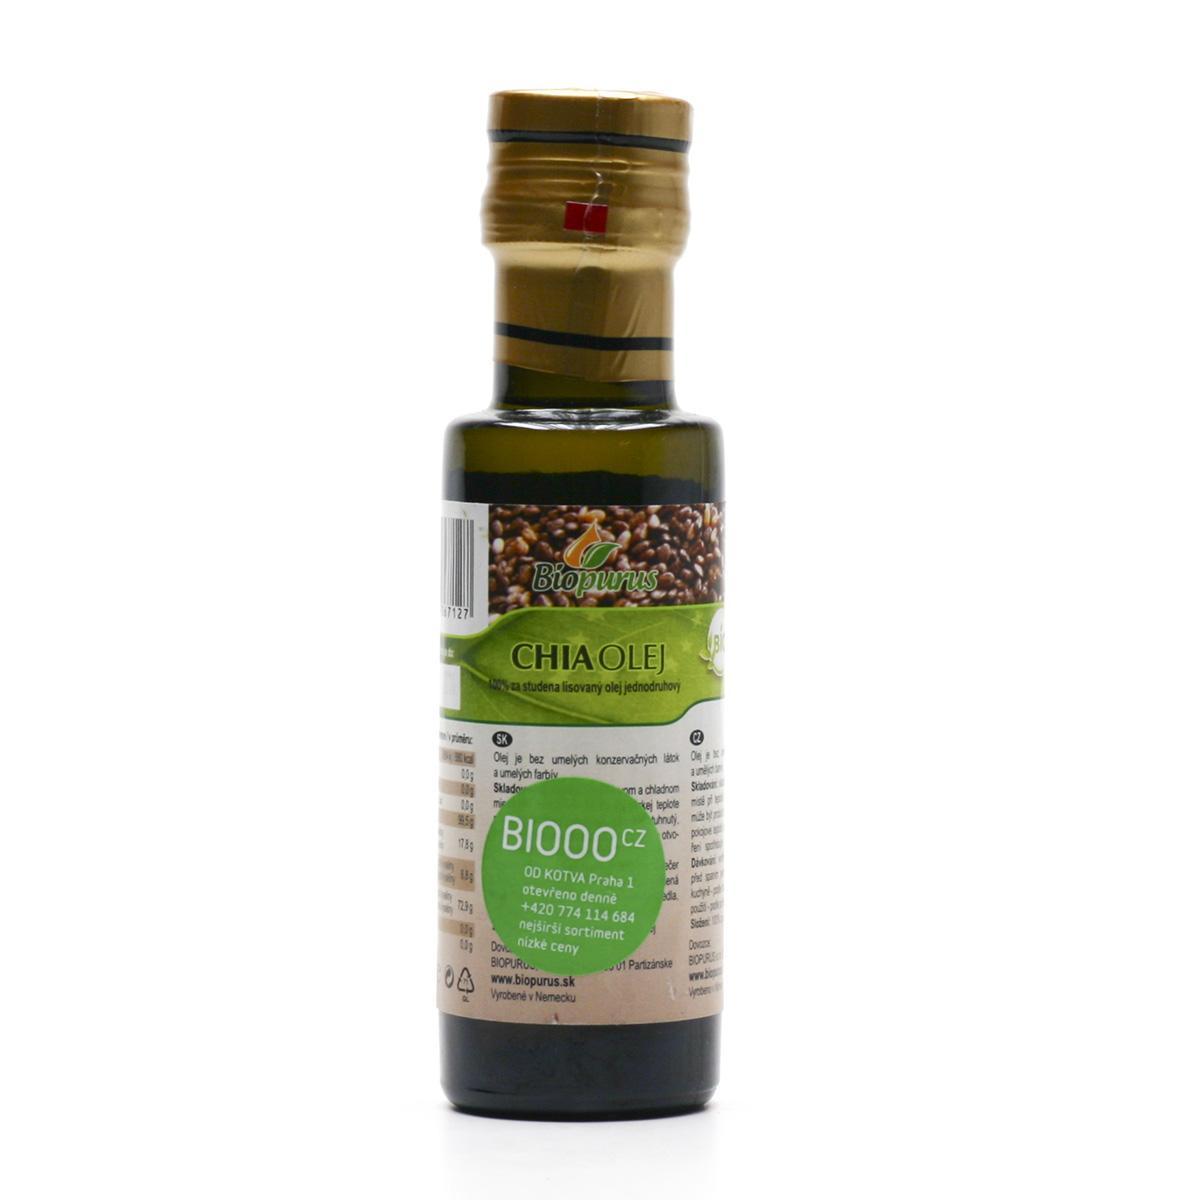 Biopurus Chia olej bio 100 ml